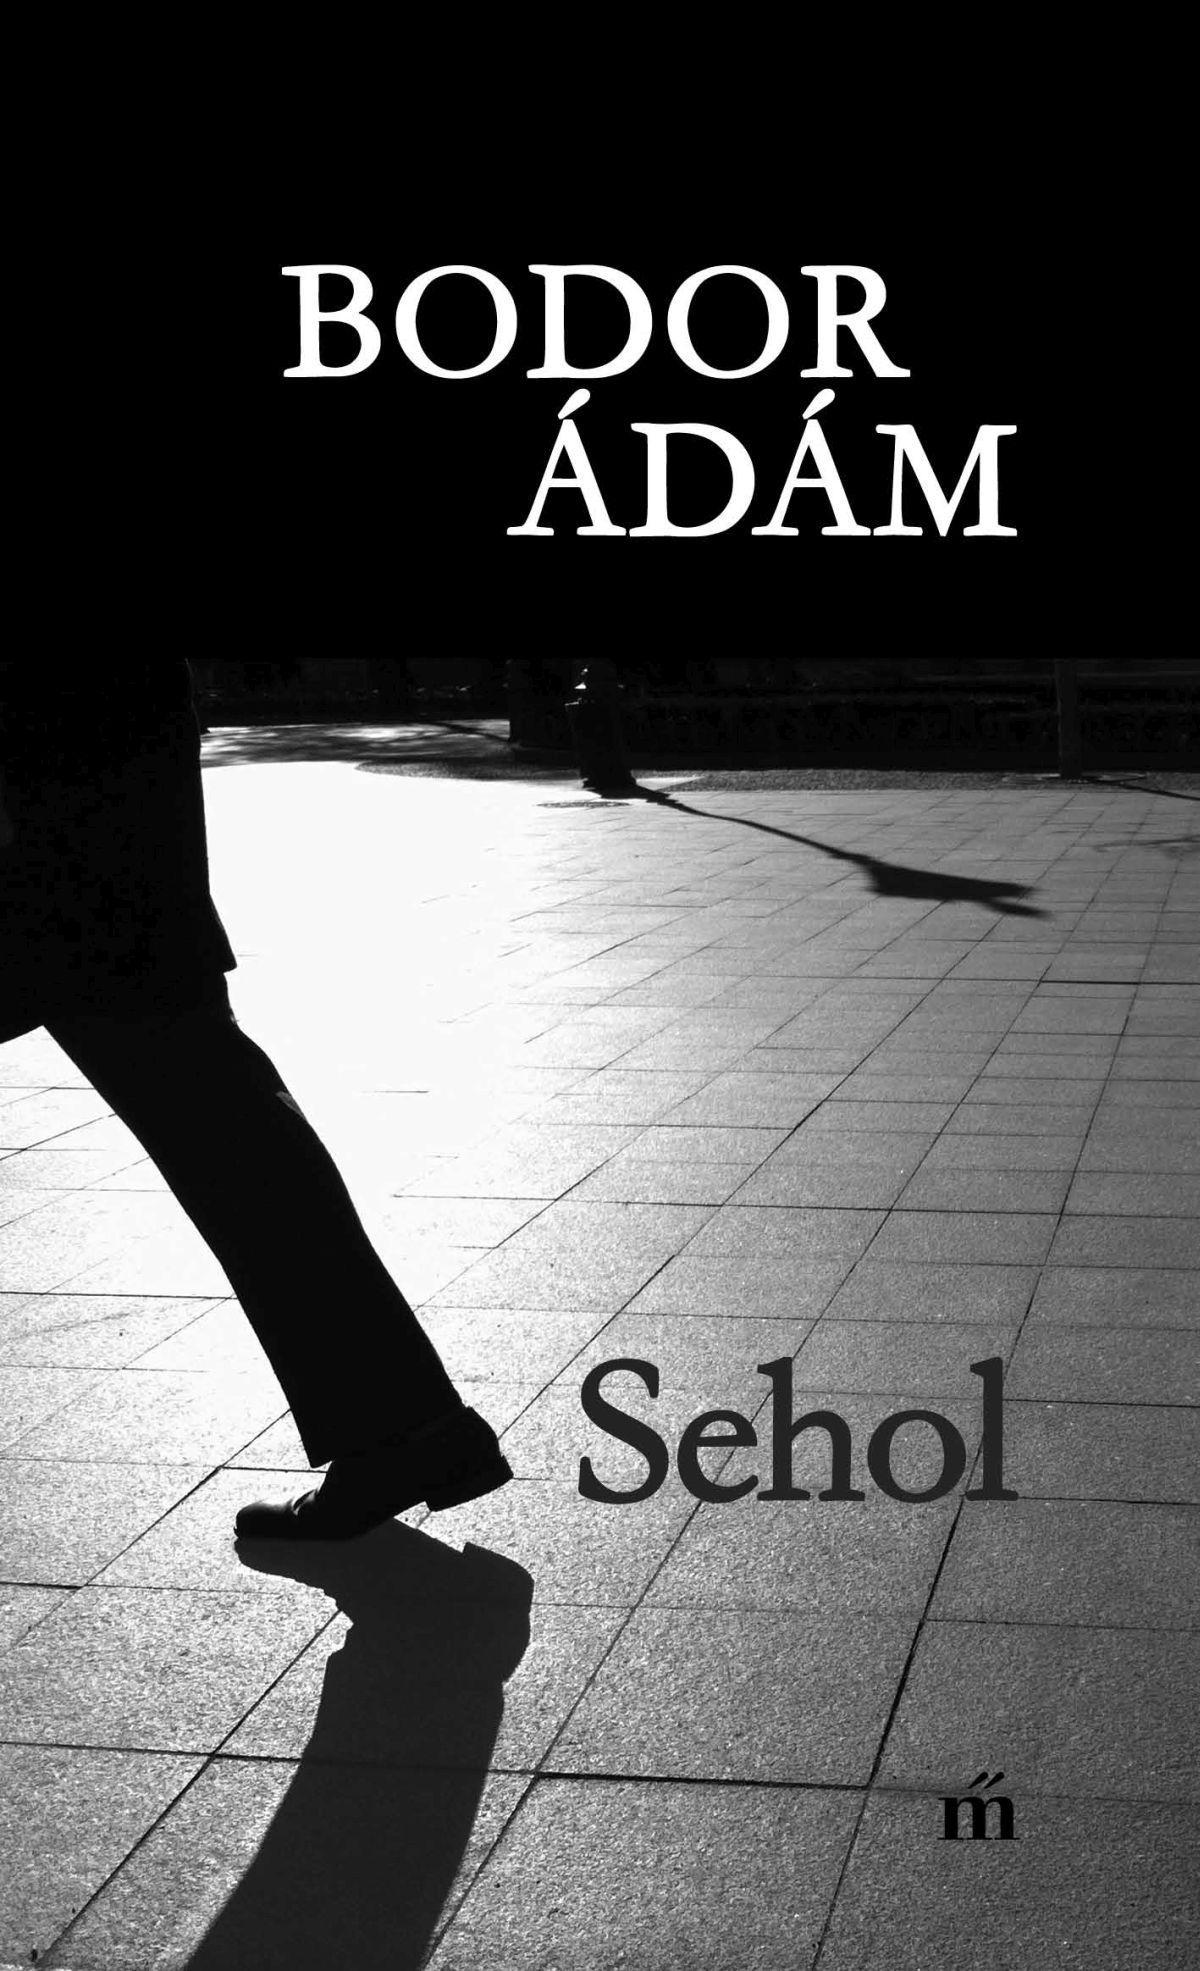 Bodor Ádám: Sehol